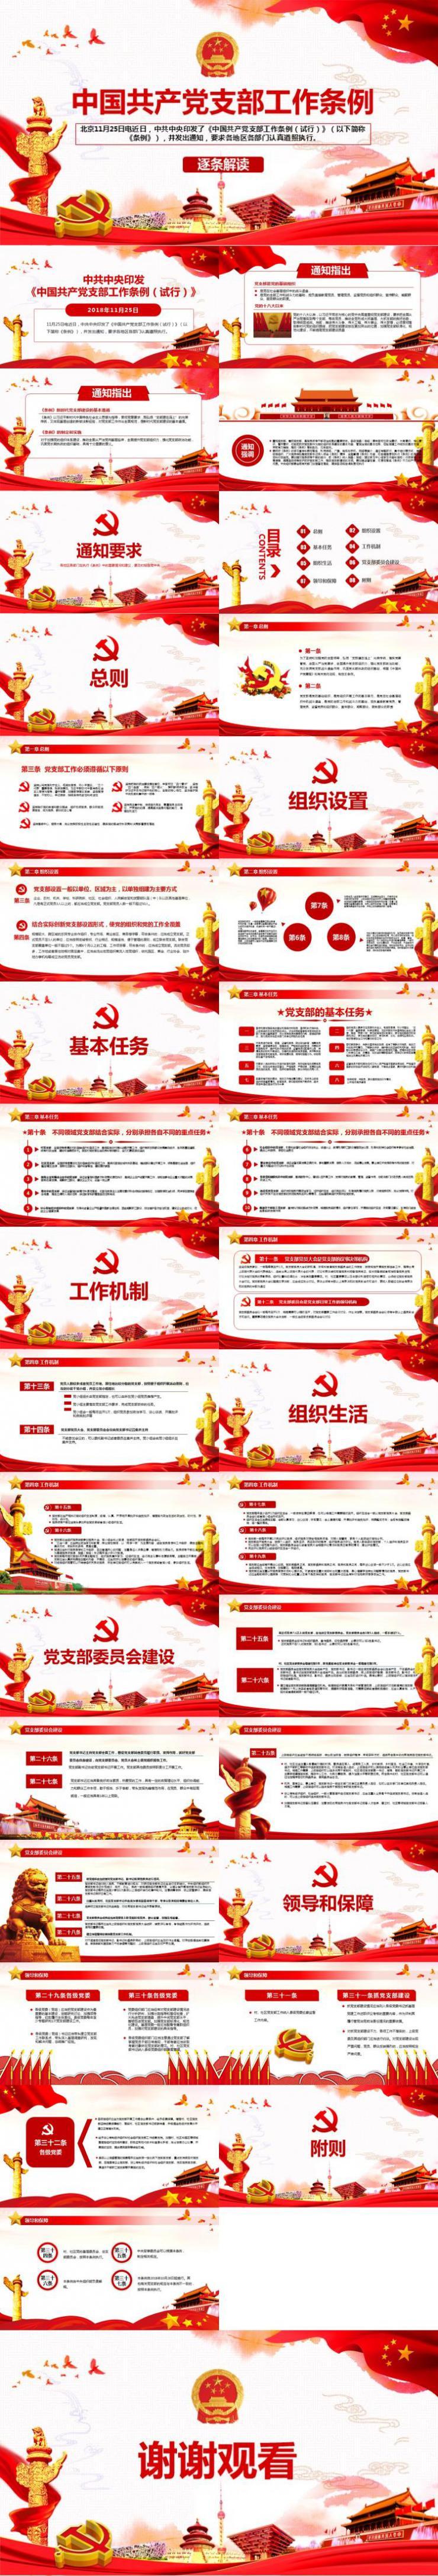 最新中国共产党党支部工作条例动态PPT模板